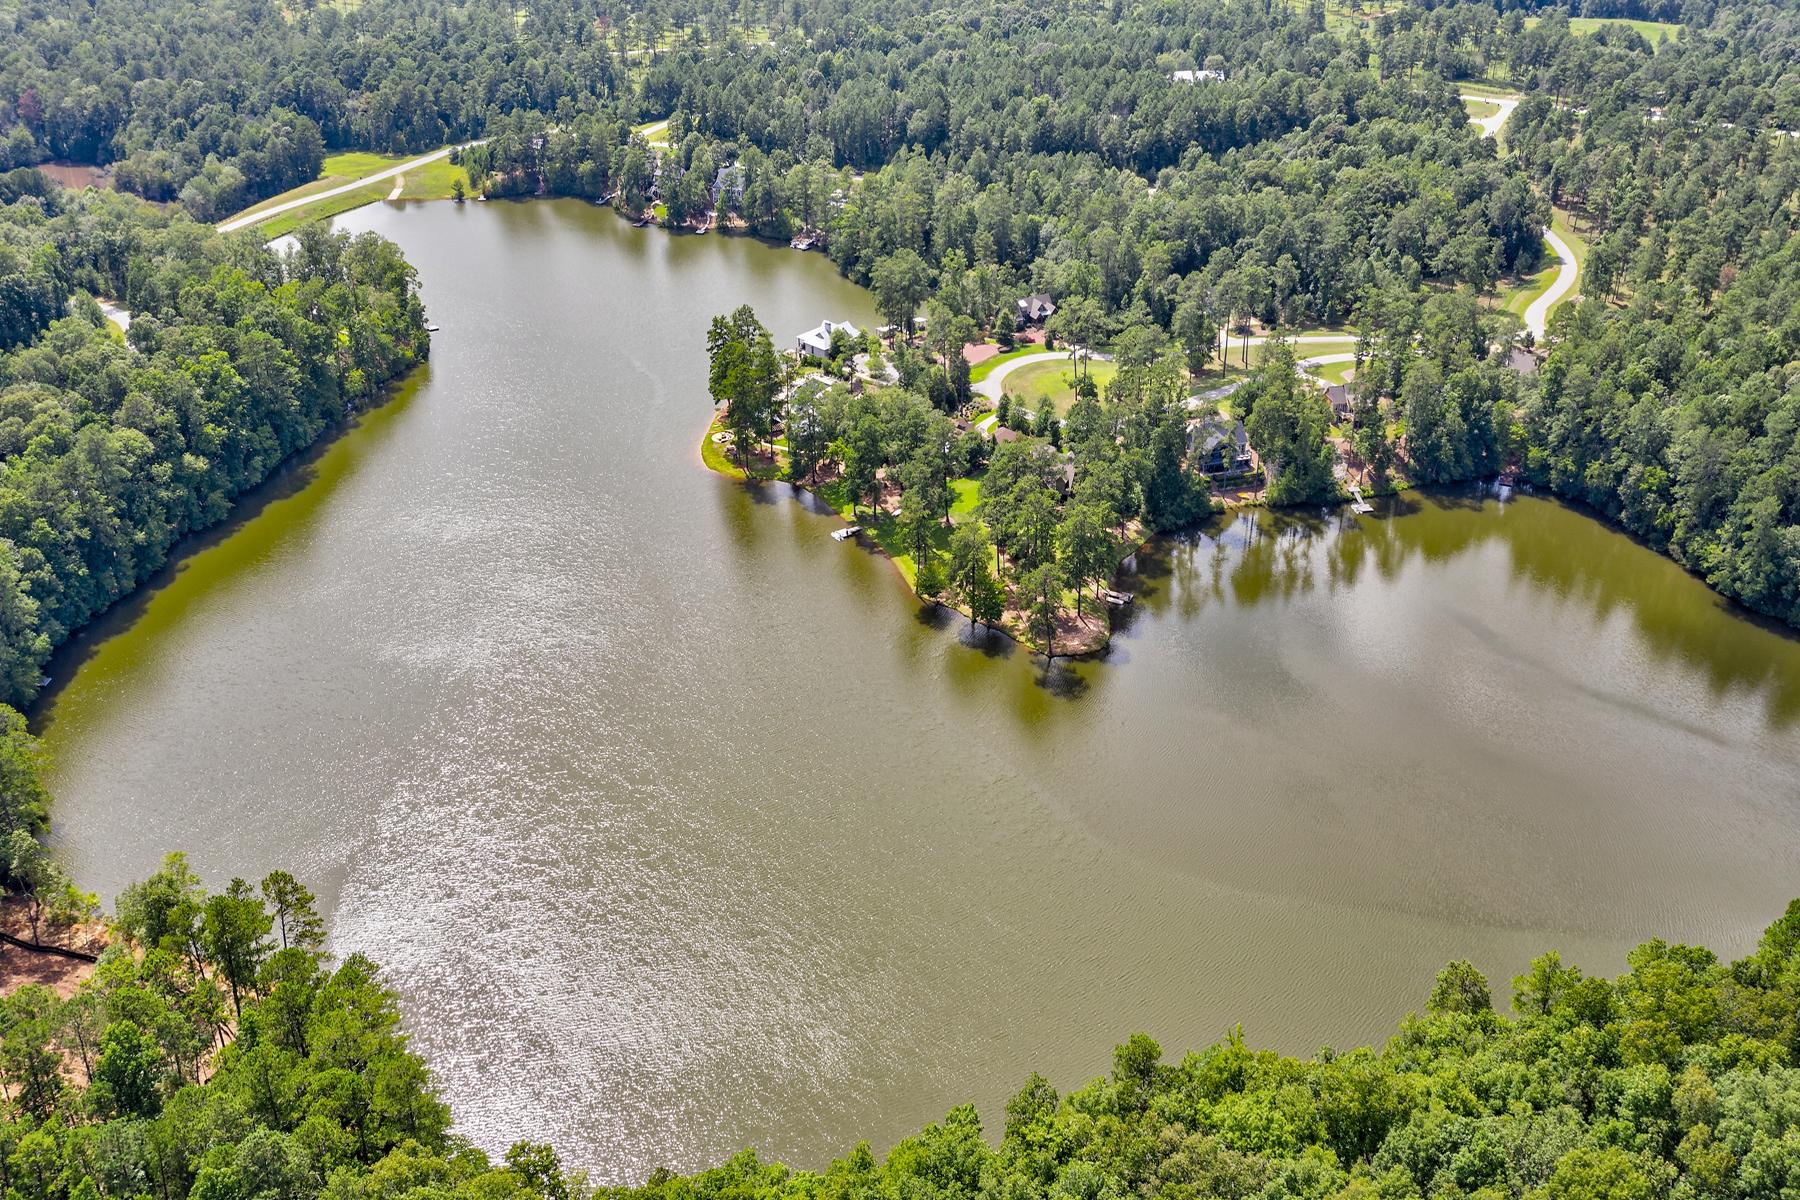 Terreno para Venda às Peaceful and Beautiful Flat Waterfront Lot at Gated Blalock Lakes 99 Blalock Lakes Drive, Newnan, Geórgia 30263 Estados Unidos